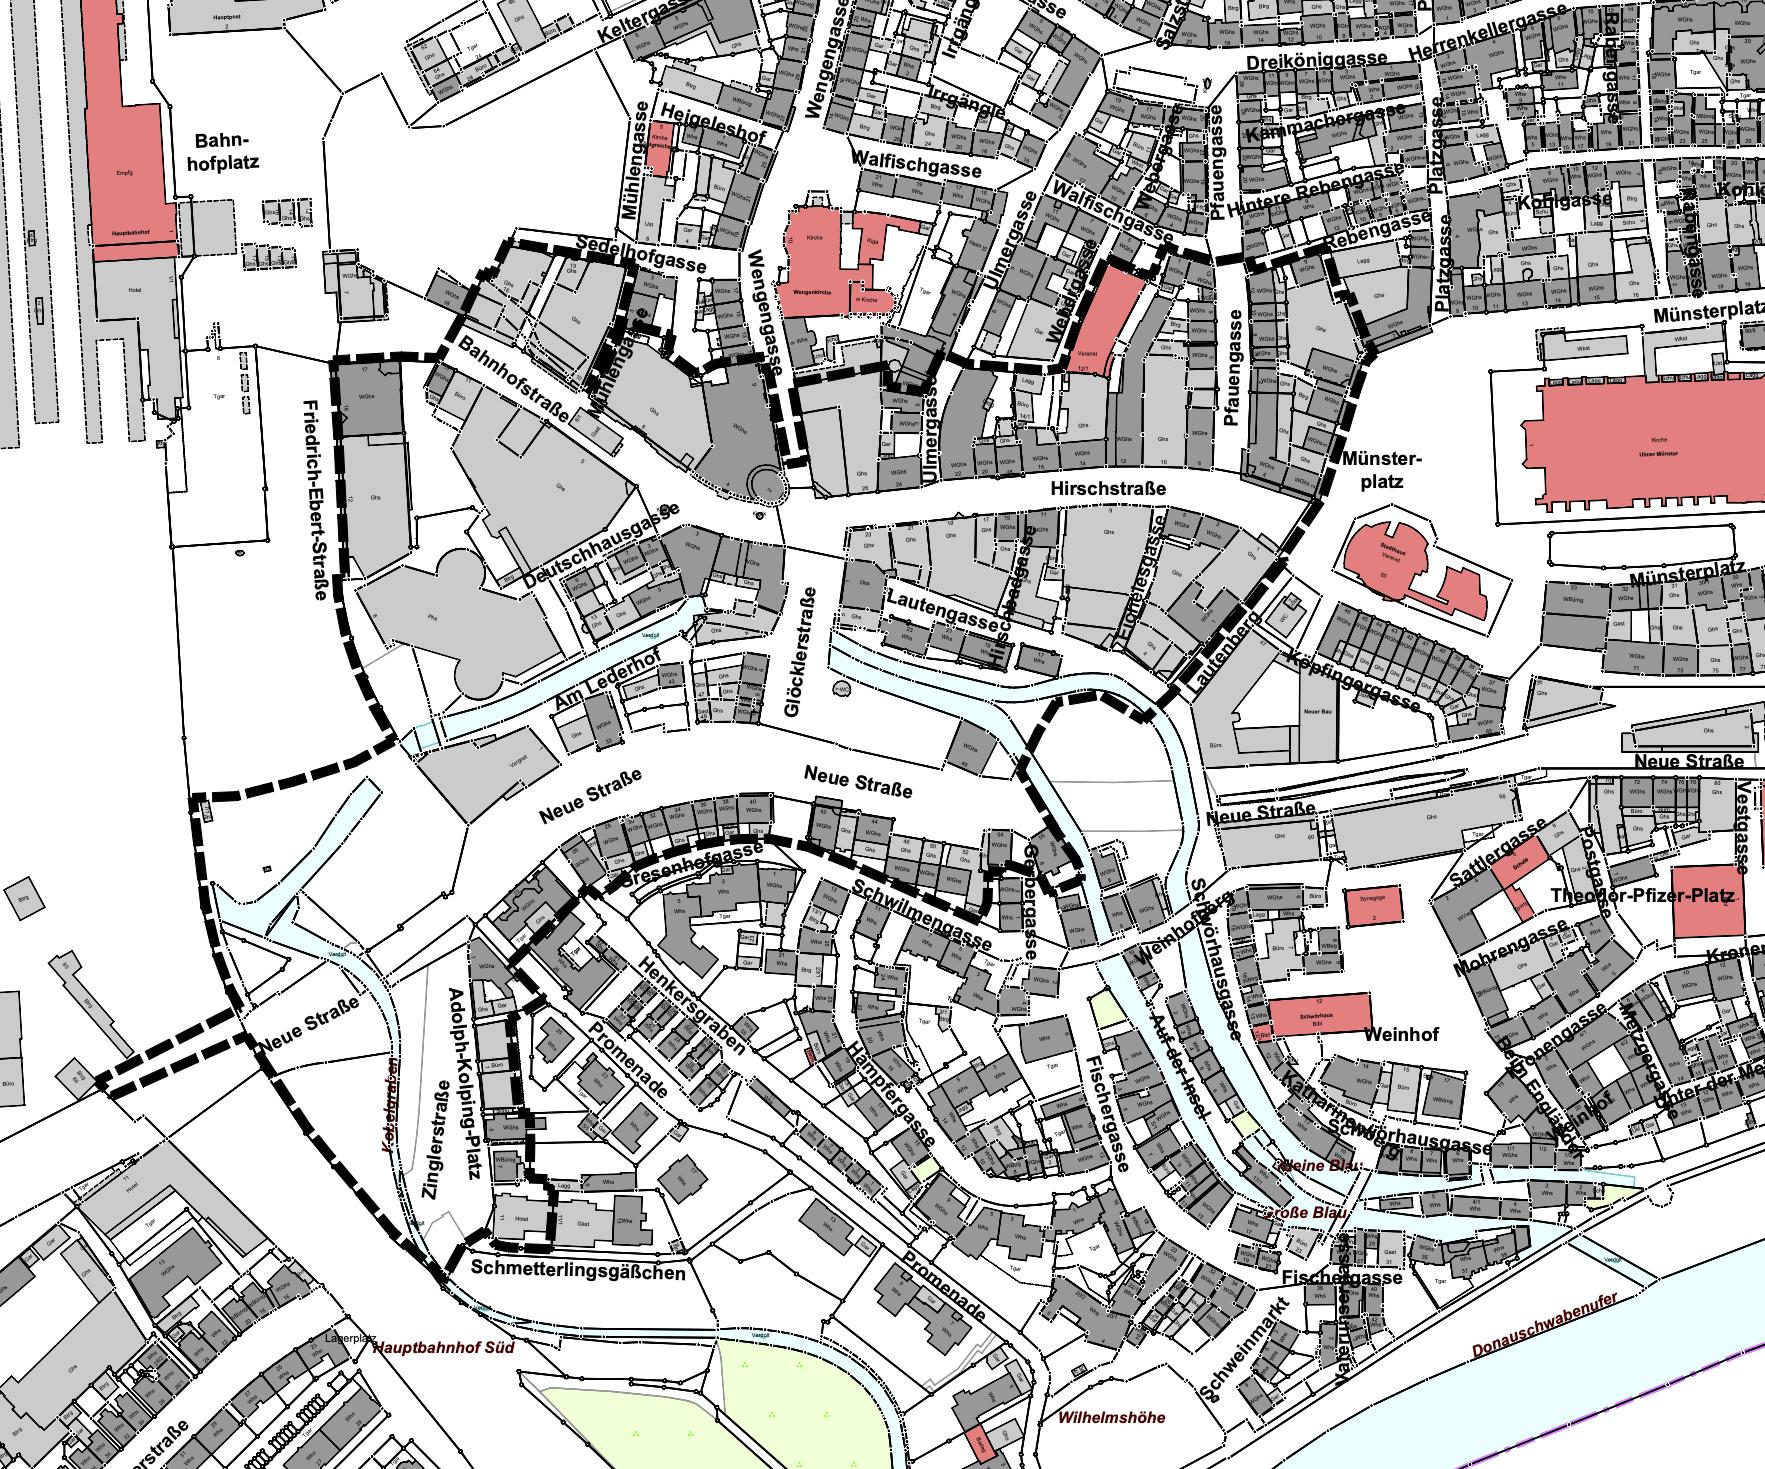 Karte mit der Abgrenzung des Sanierungsgebietes rund um die Fußgängerzone Hirschstraße/Bahnhofstraße